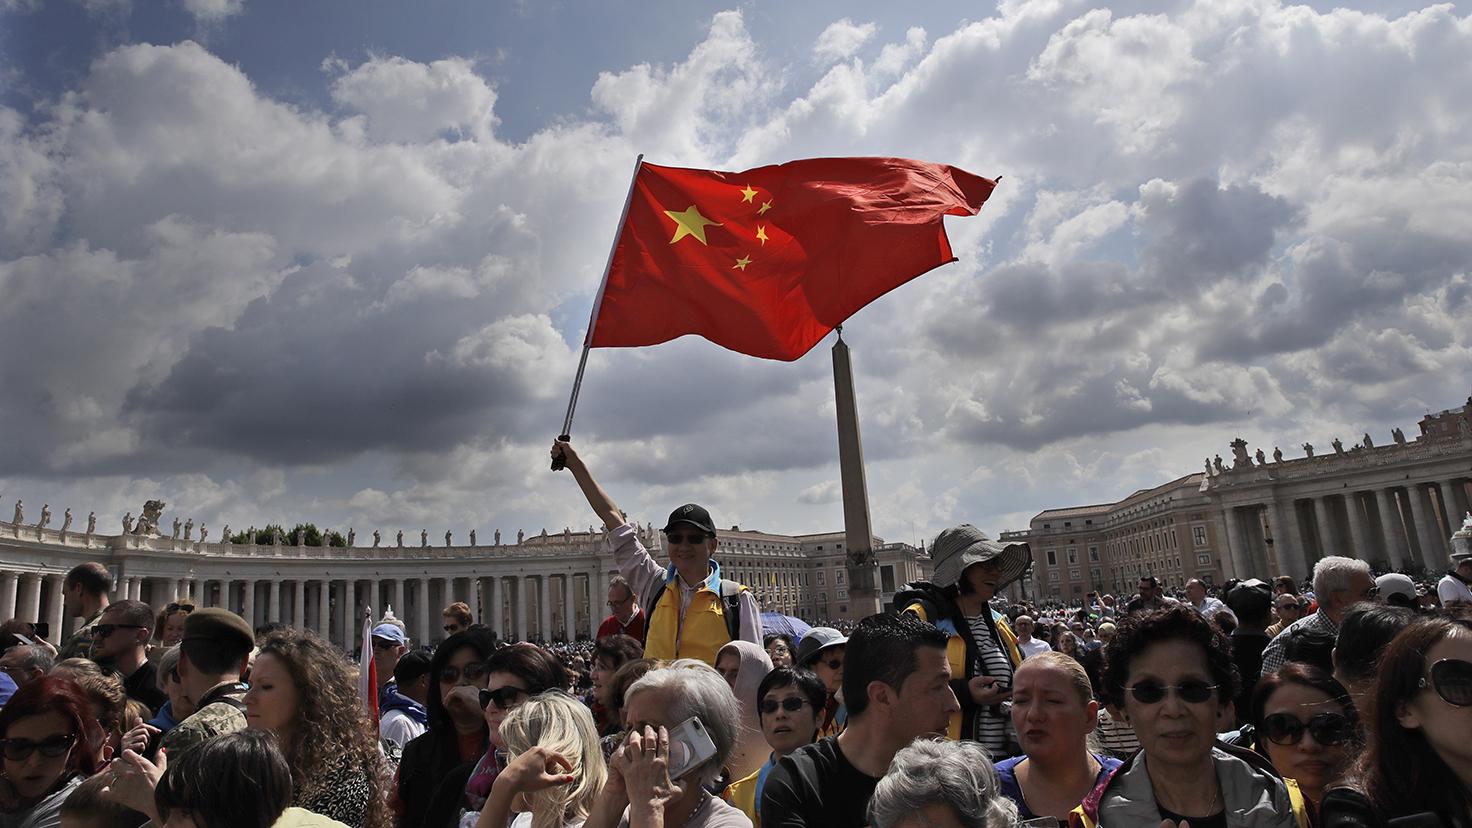 一群中国天主教徒2019年5月参加圣彼得广场上教皇每周例行活动。(美联社)